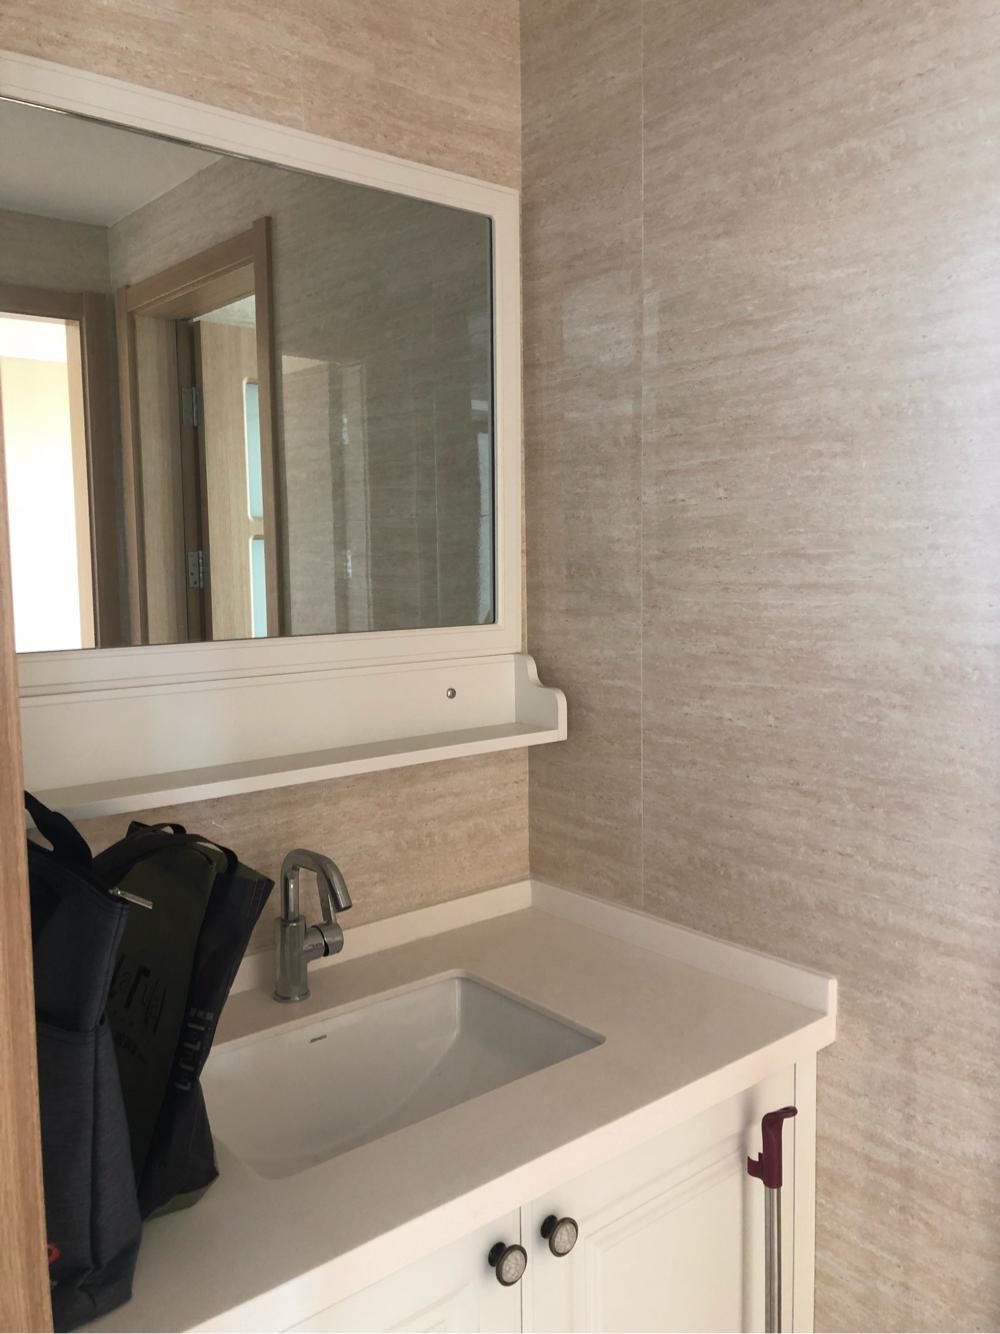 淮河新城五期新房出租房东不愿意租给住家的 想租给开公司作办公室用的 _9